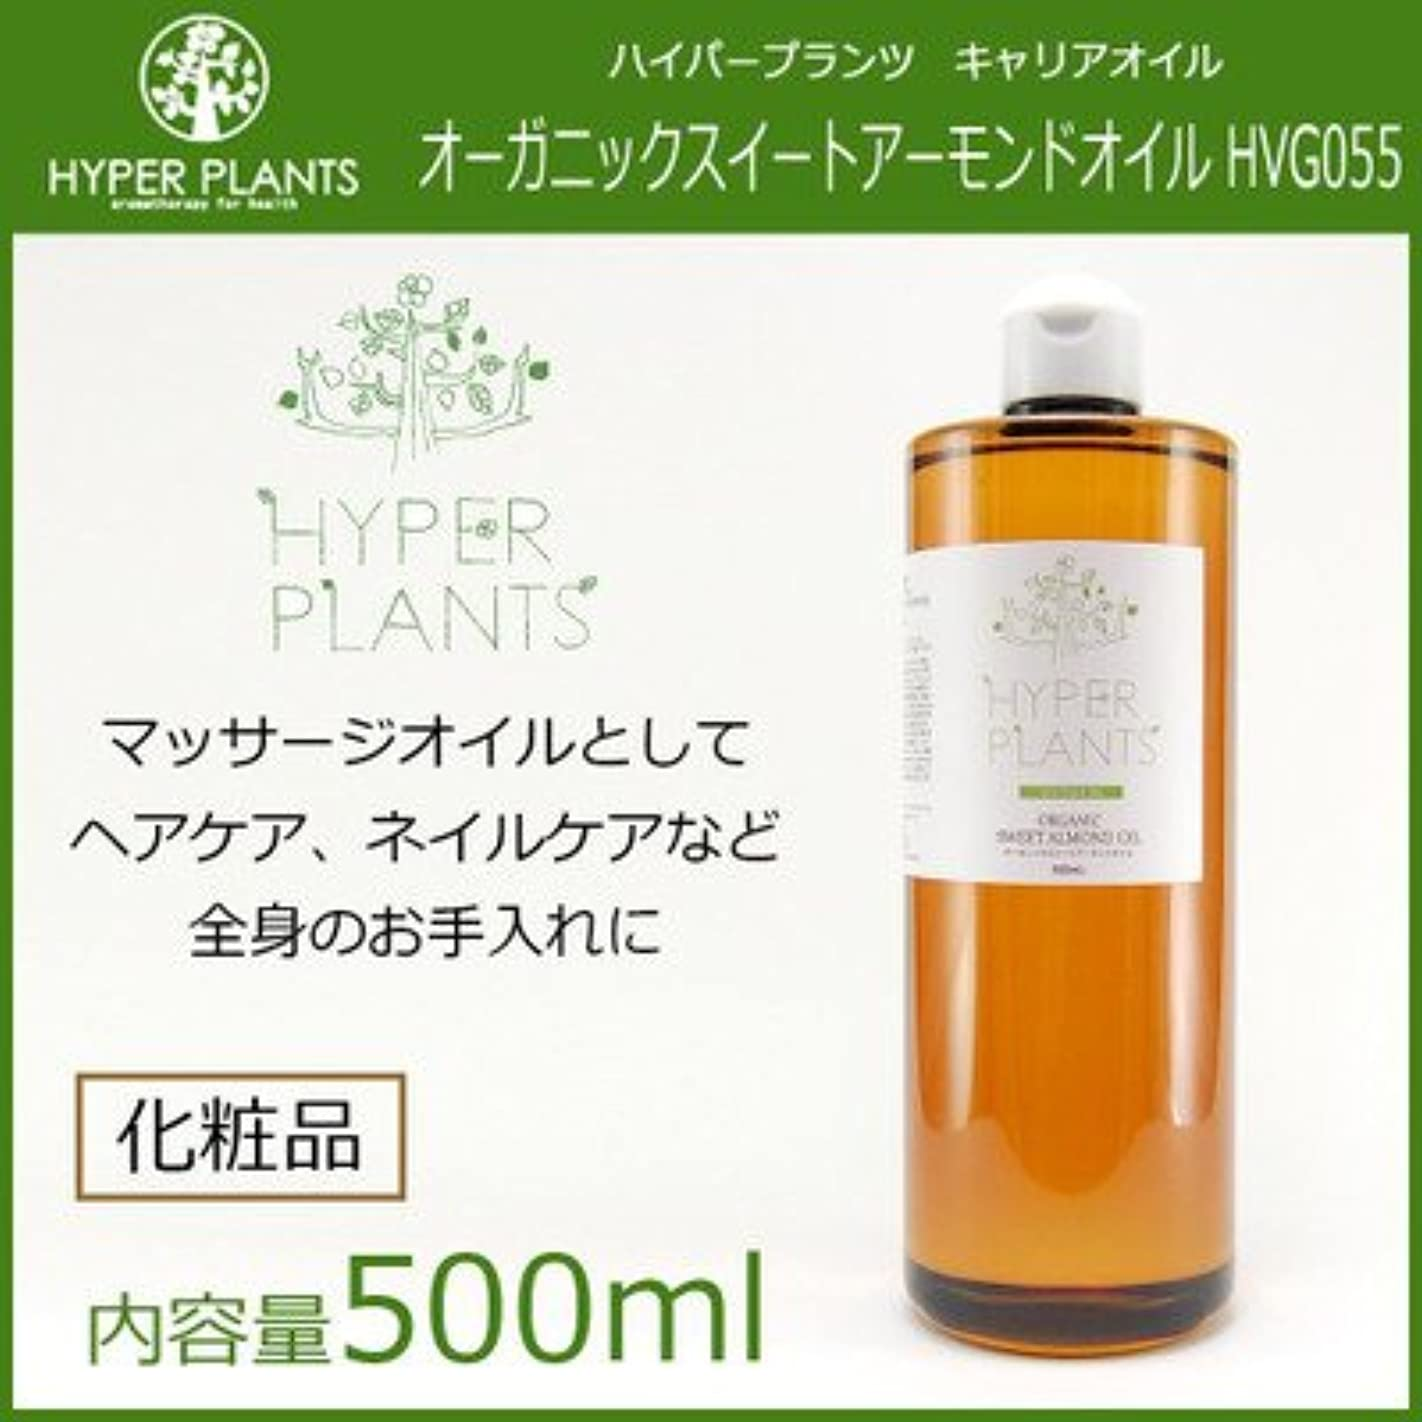 アミューズ終点混沌天然植物原料100%使用 肌をやさしく守る定番オイル HYPER PLANTS ハイパープランツ キャリアオイル オーガニックスイートアーモンドオイル 500ml HVG055